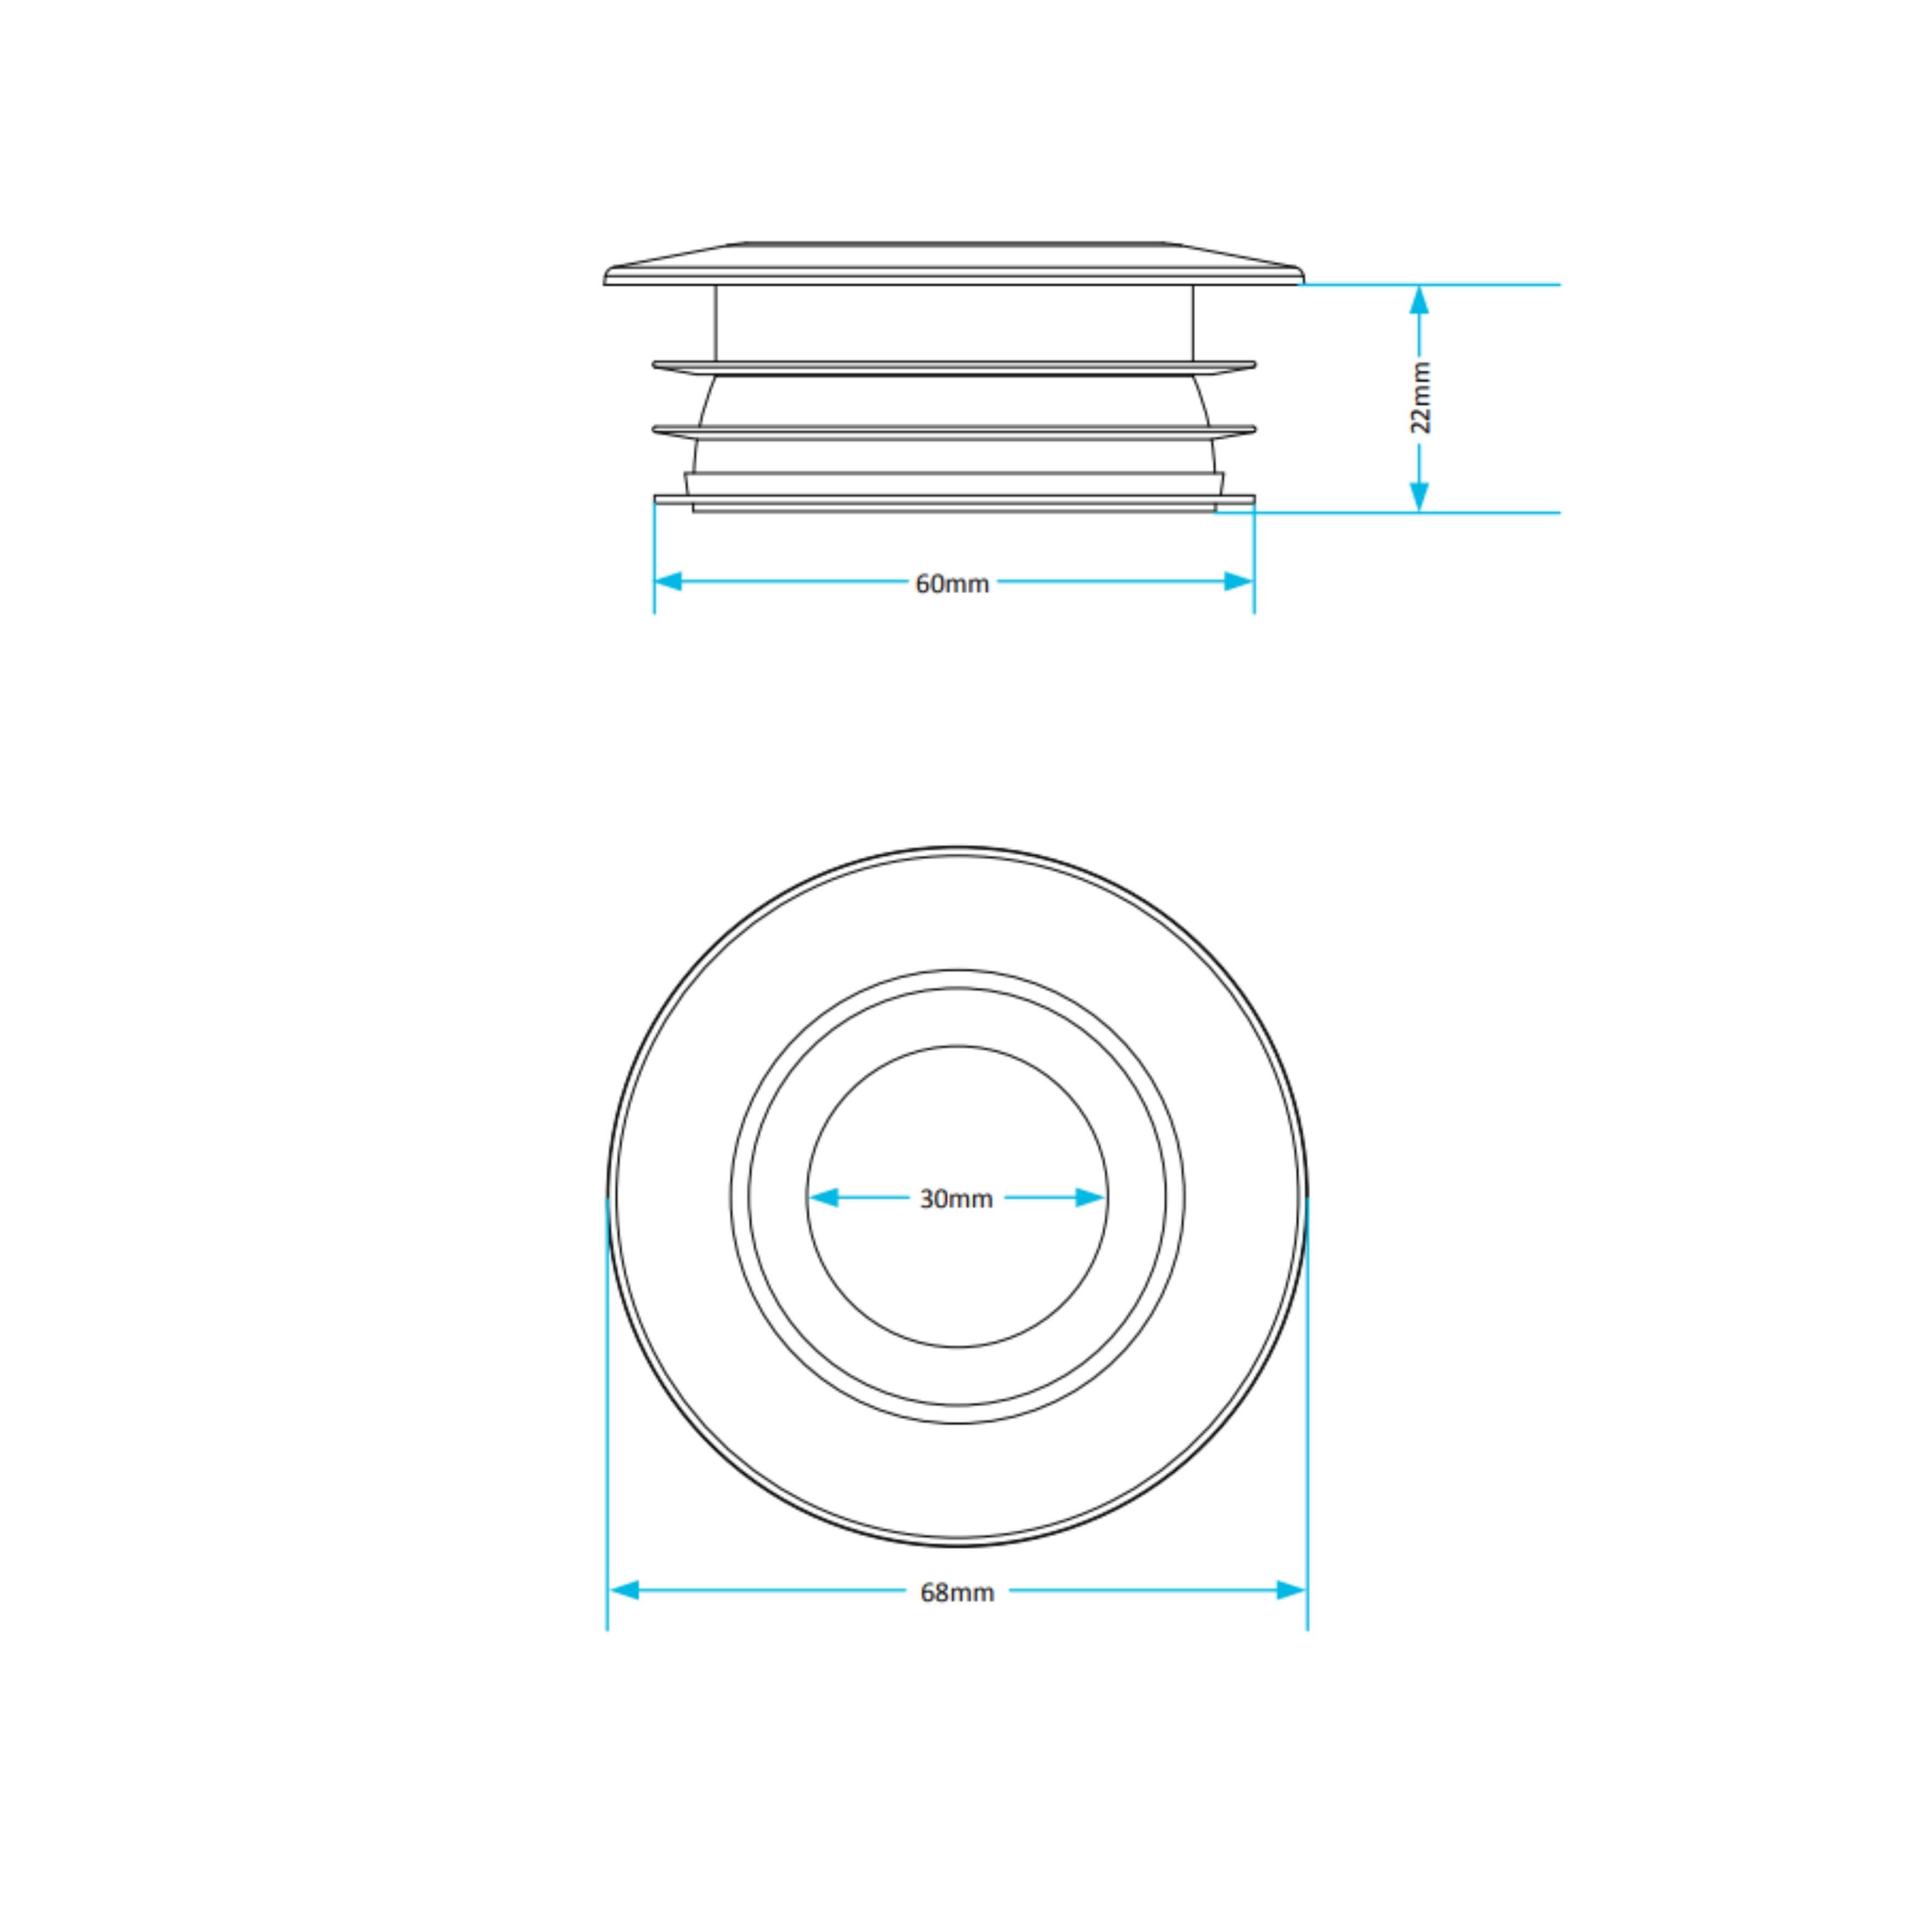 BM99 Flush Pipe Cone Dimensions